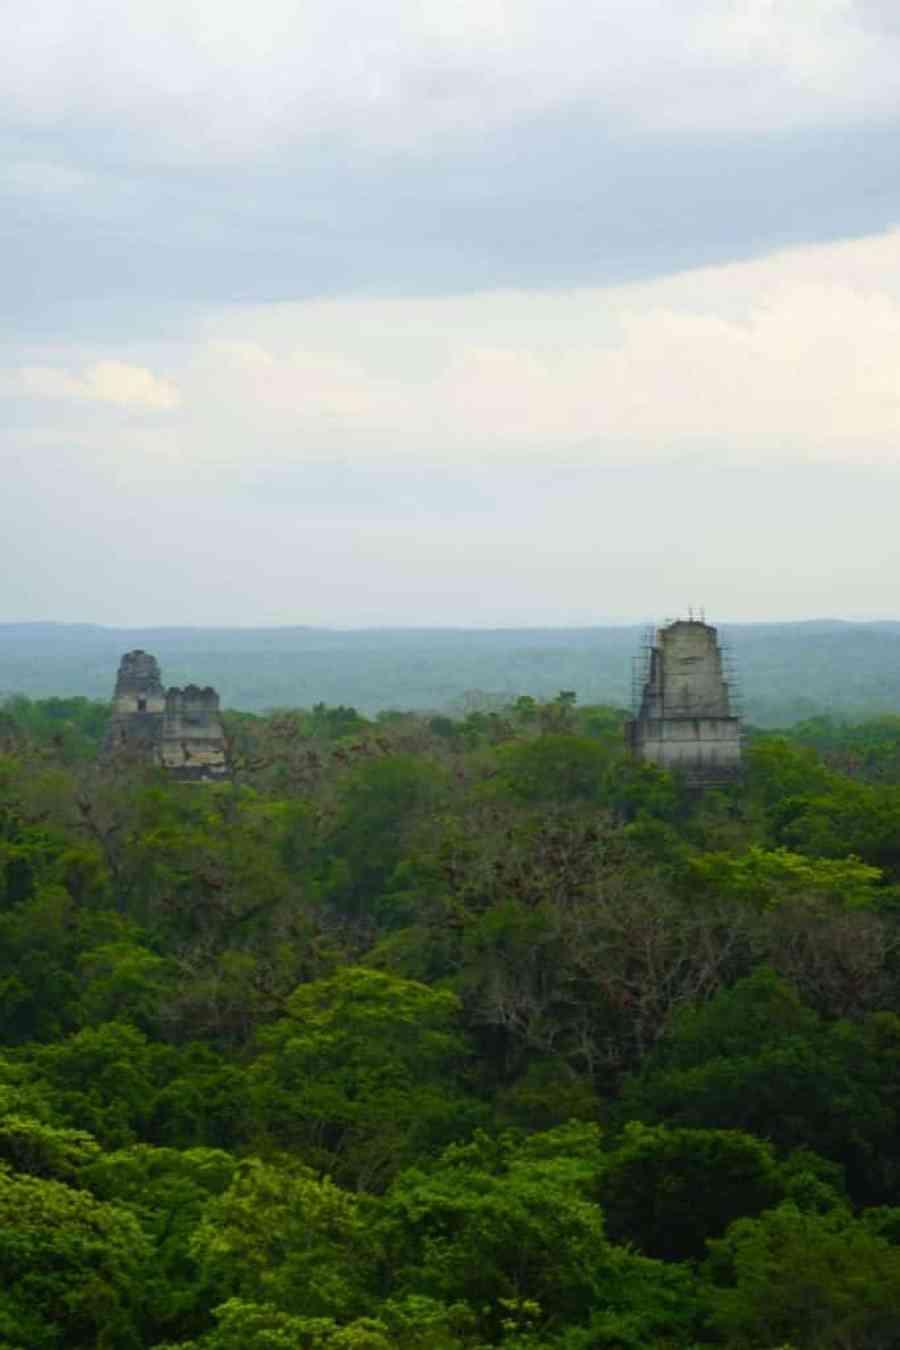 Tikal star wars location!